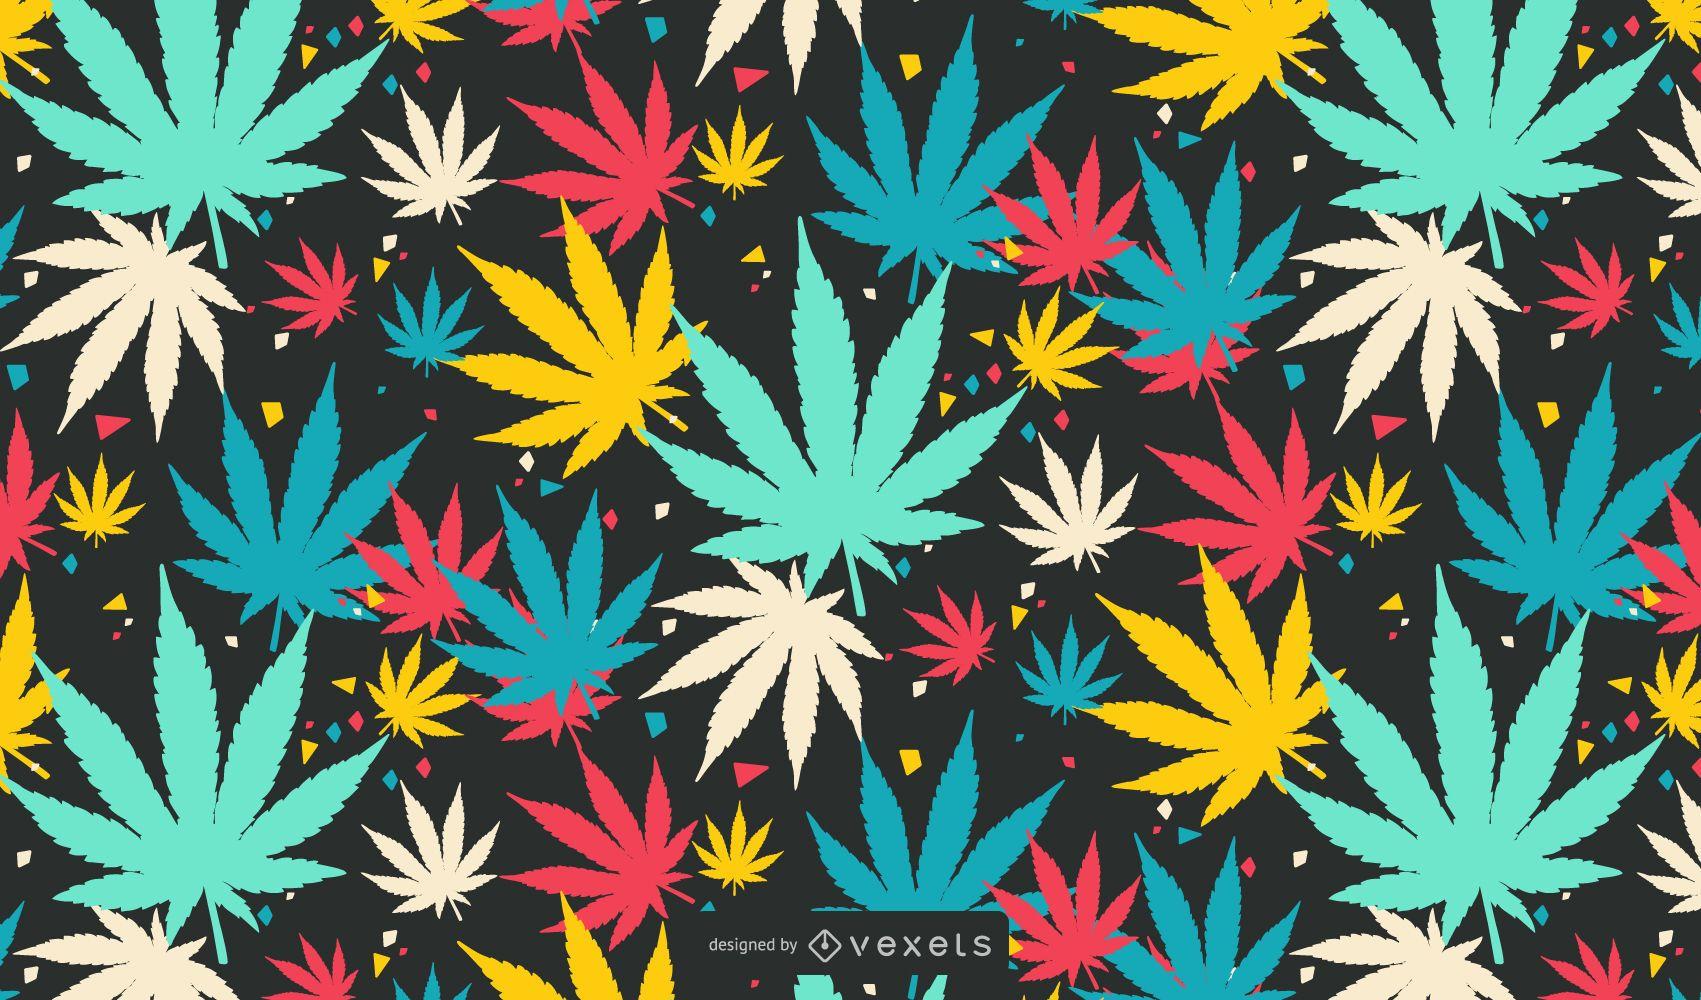 Vector libre de NixVex de hojas coloridas